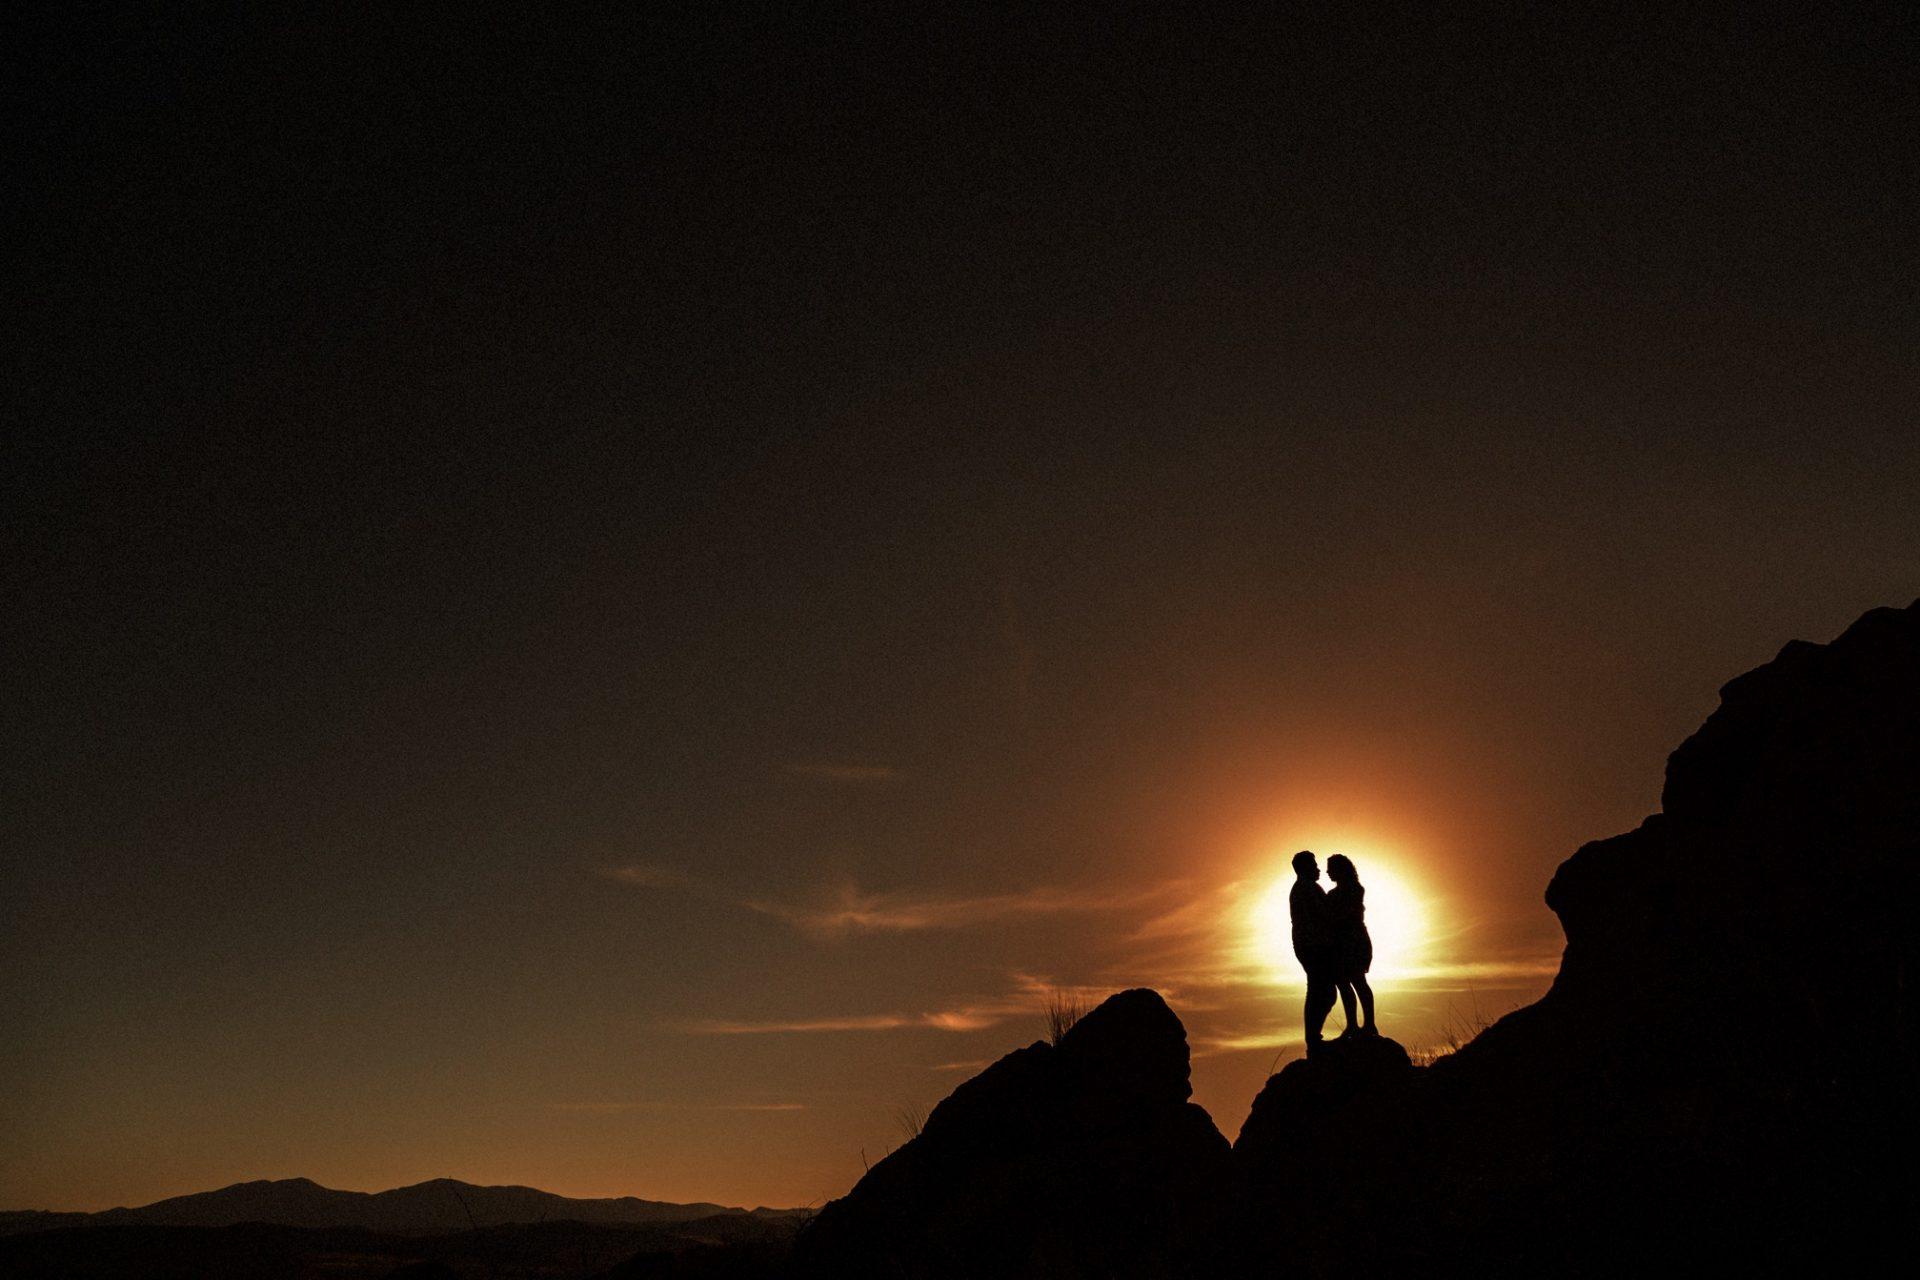 fotografo_profesional_zacatecas_chihuahua_save_the_date_el_rejon-4